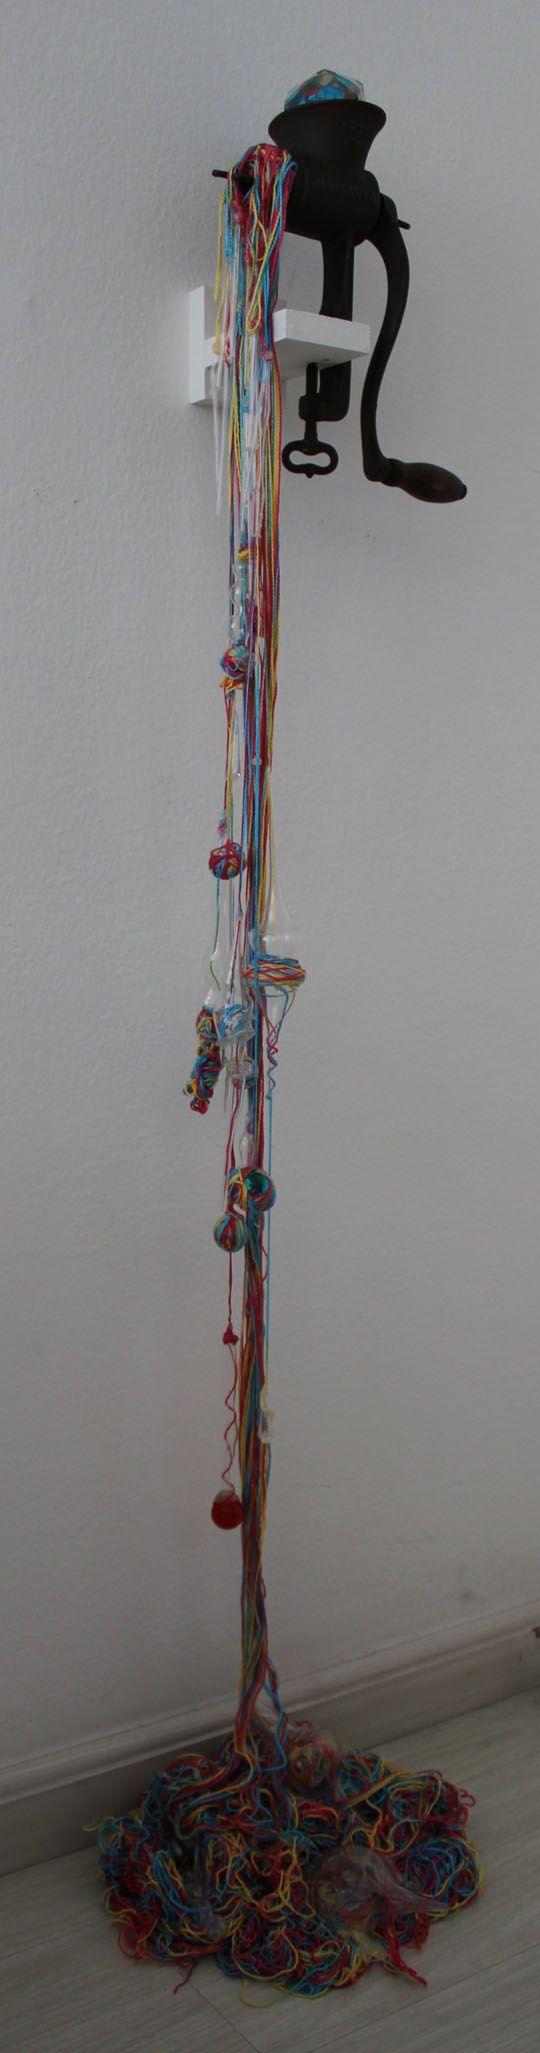 Ana Maier – Roca de fiar distâncias II (2012)